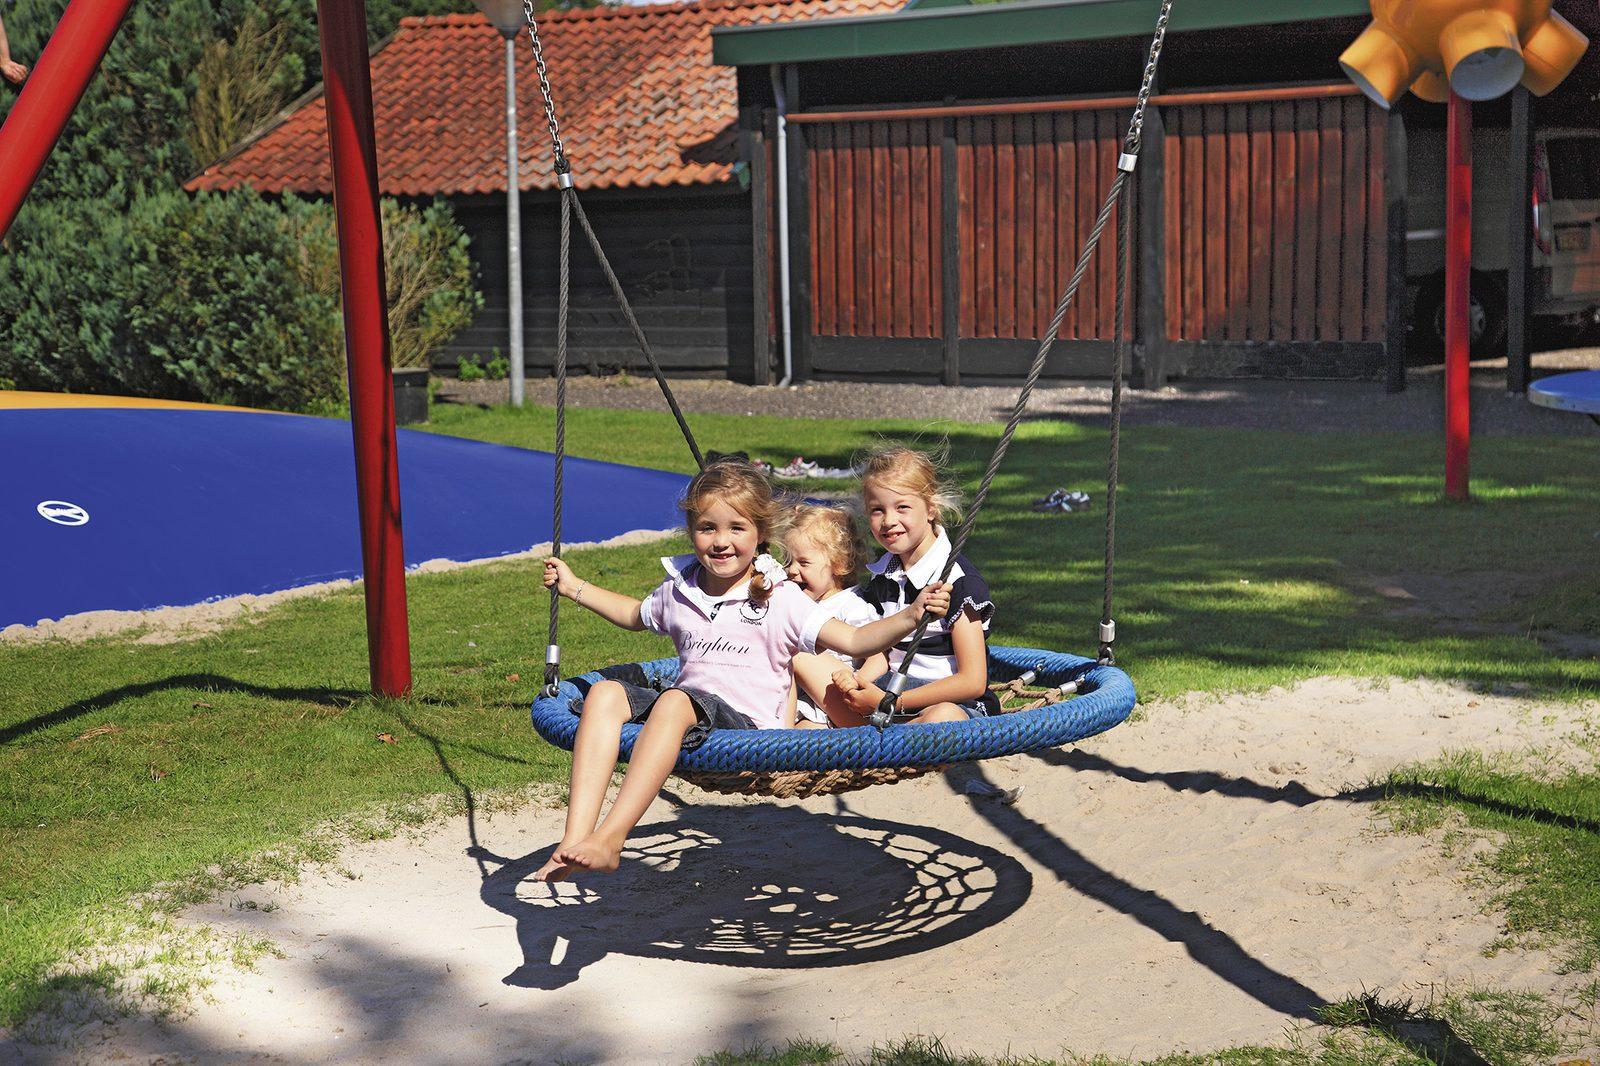 Urlaub für junge Familien